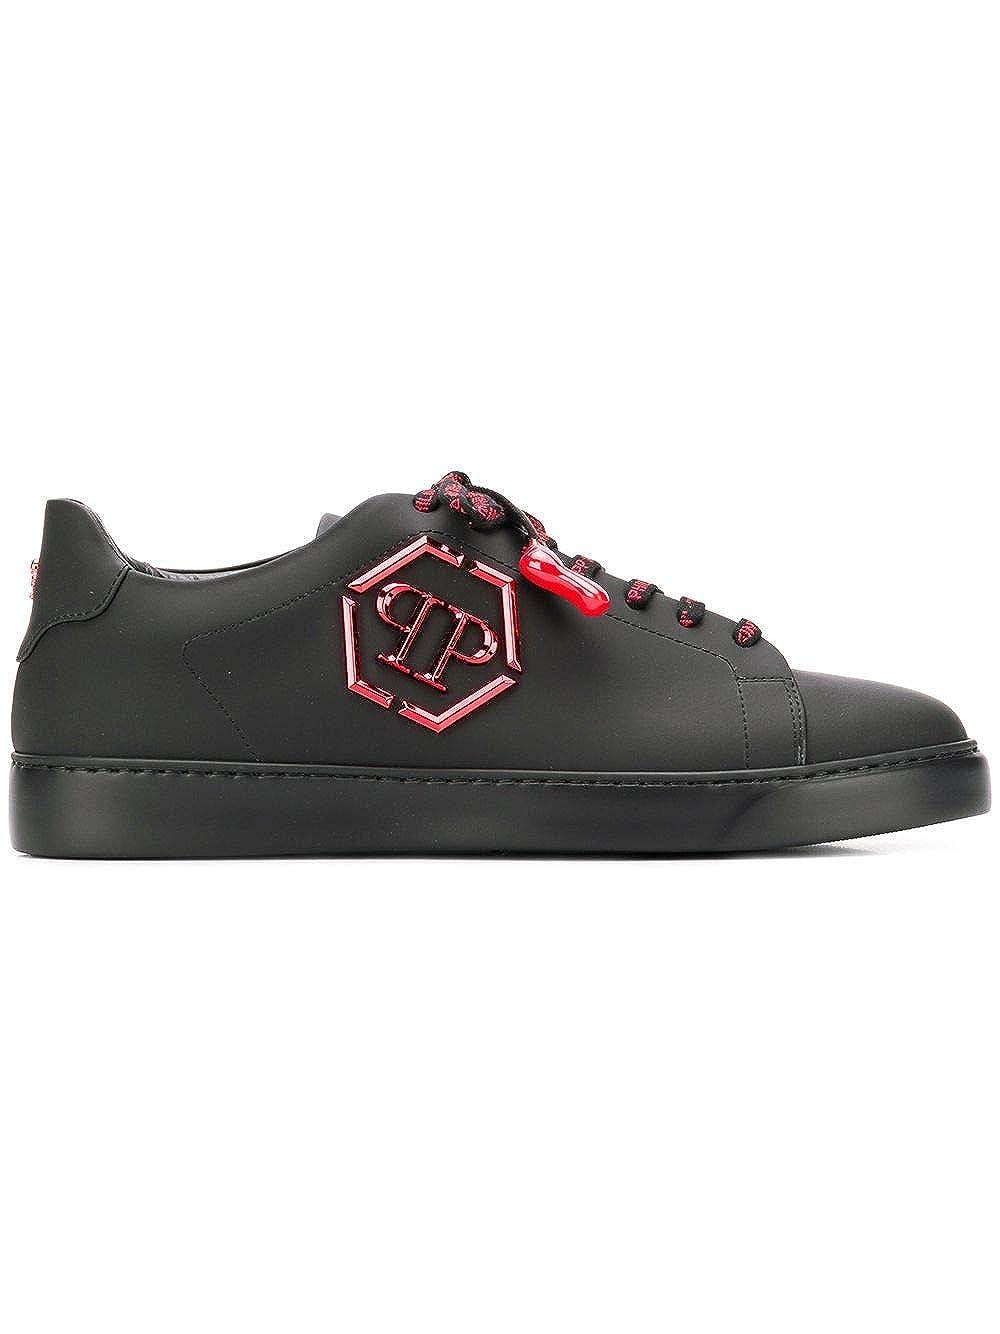 (フィリッププレイン) PHILIPP PLEIN logo plaque sneakersロゴプラークスニーカー(並行輸入品) B07PX3GP91 0213 BLACK / RED 42 IT